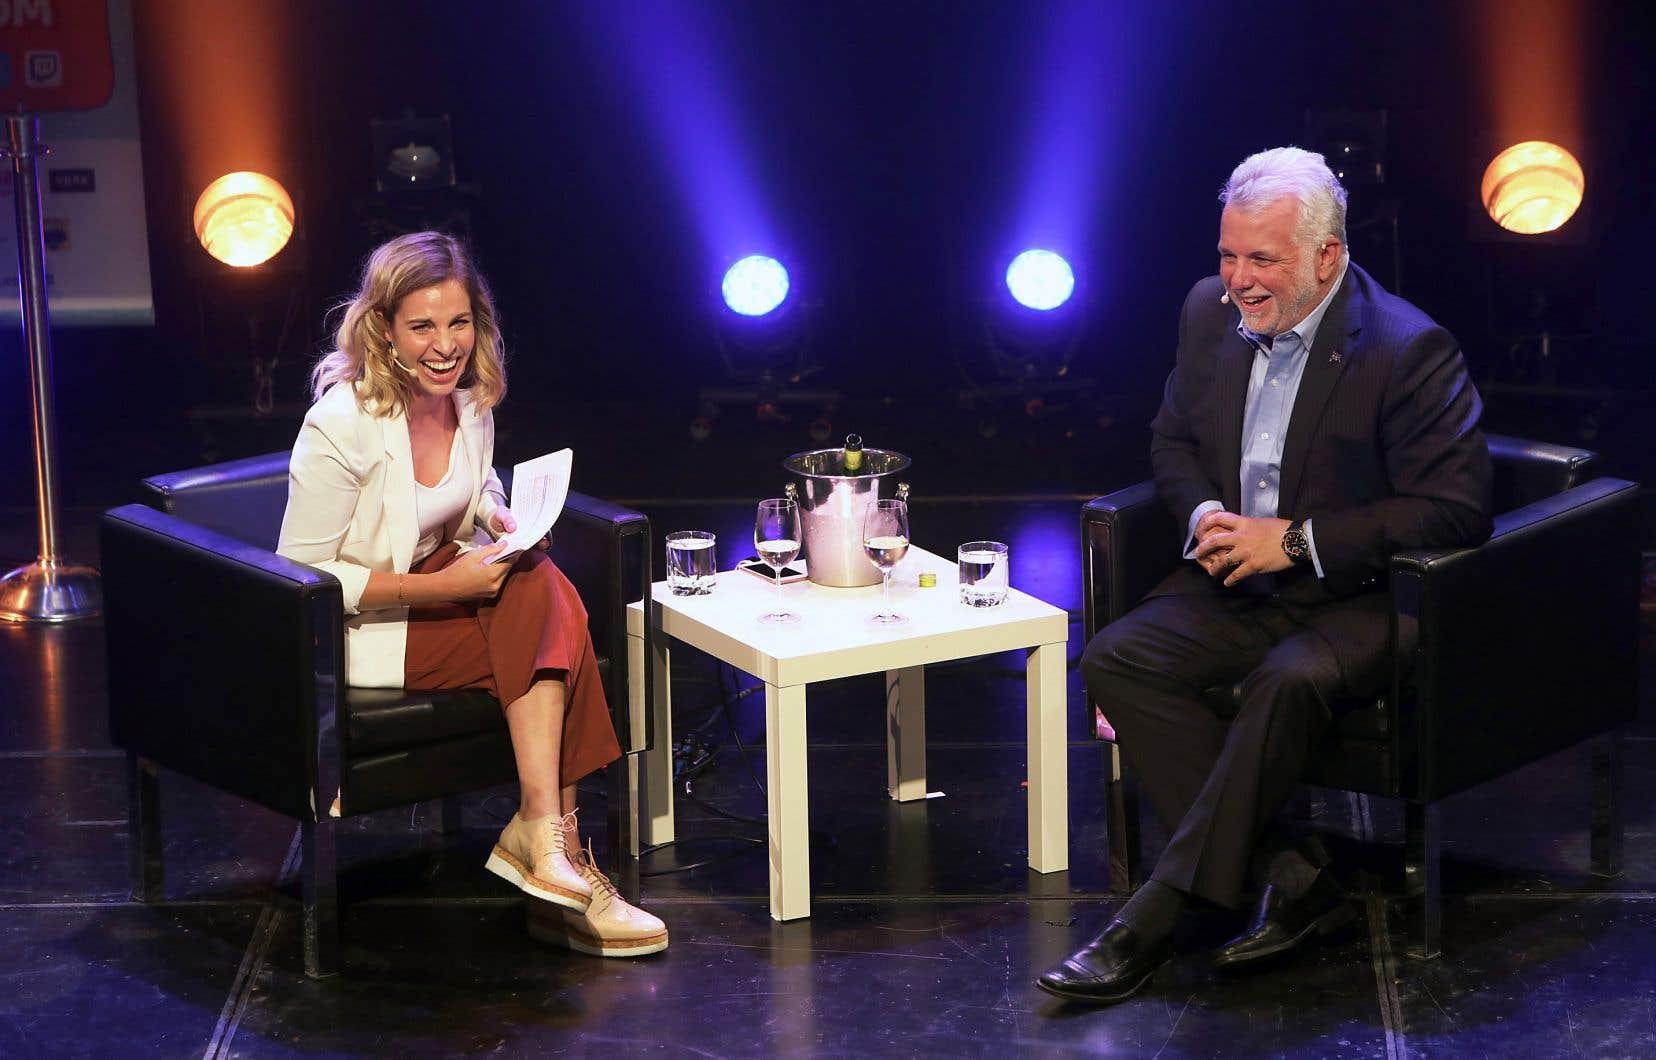 Philippe Couillard a joué le jeu d'une entrevue en direct avec l'humoriste Marie-Lyne Joncas, mardi soir au Zoofest à Montréal.